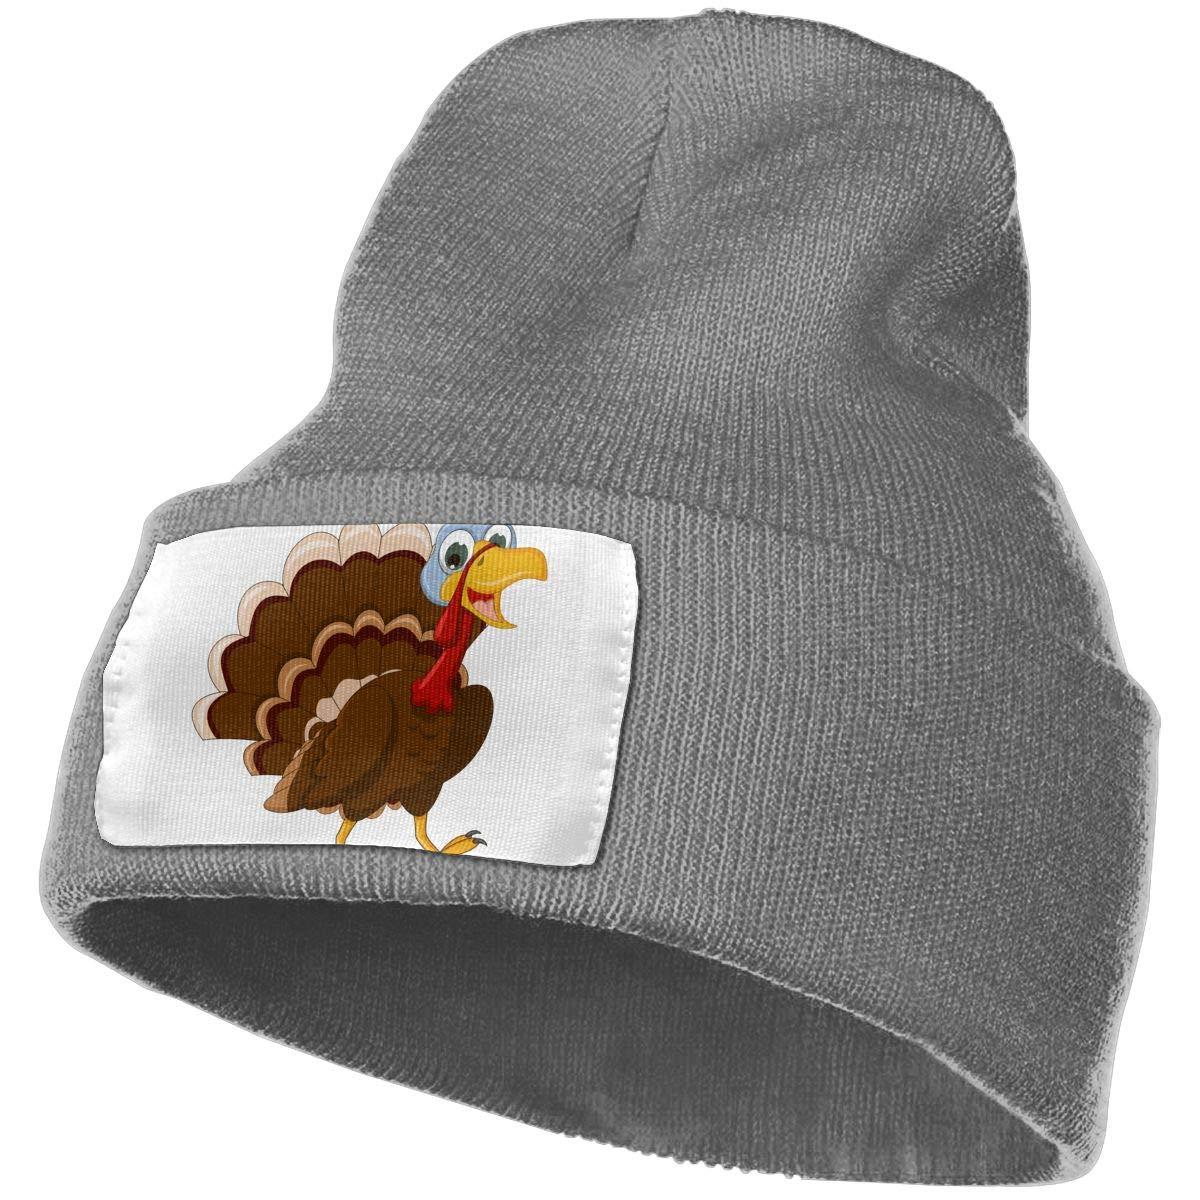 QZqDQ Cartoon Turkey Unisex Fashion Knitted Hat Luxury Hip-Hop Cap